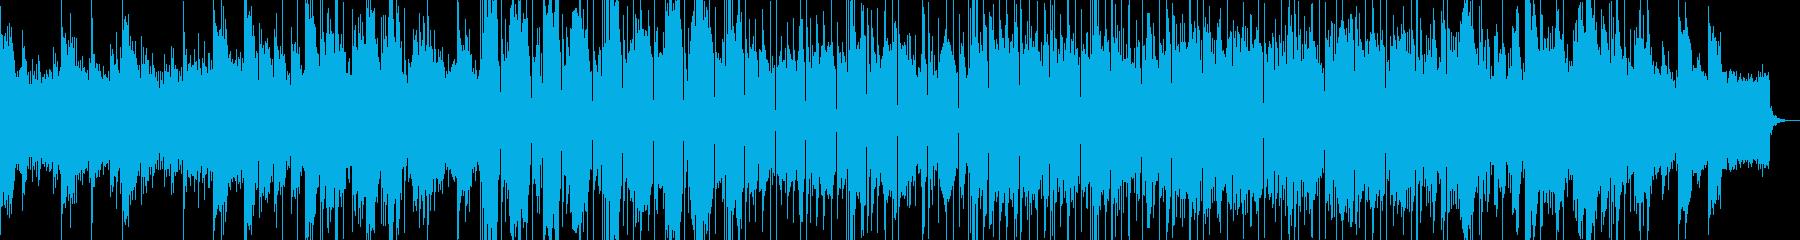 キツすぎないEDM風サウンド の再生済みの波形